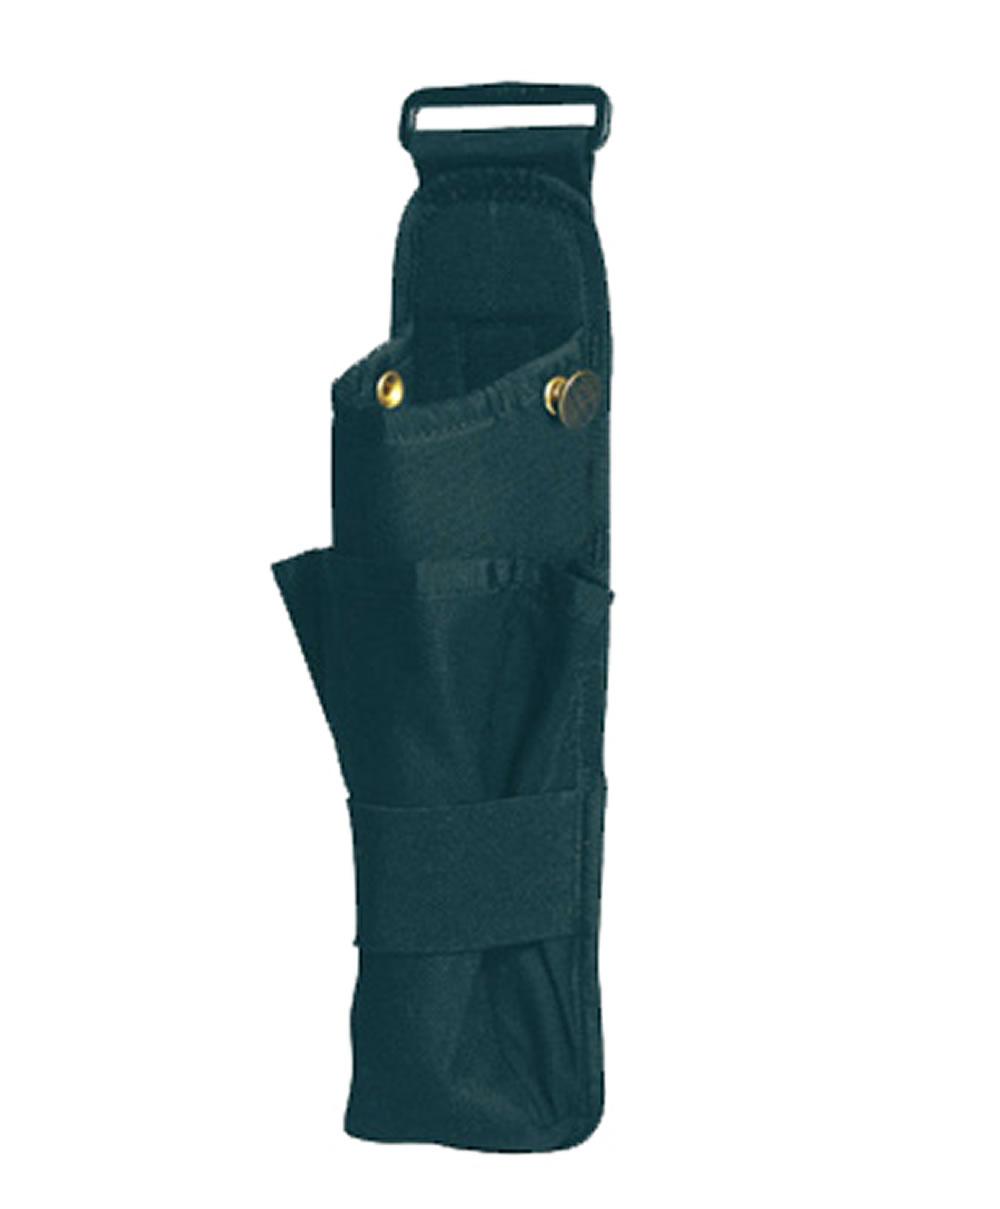 SKILLERS Tool Bag-Long